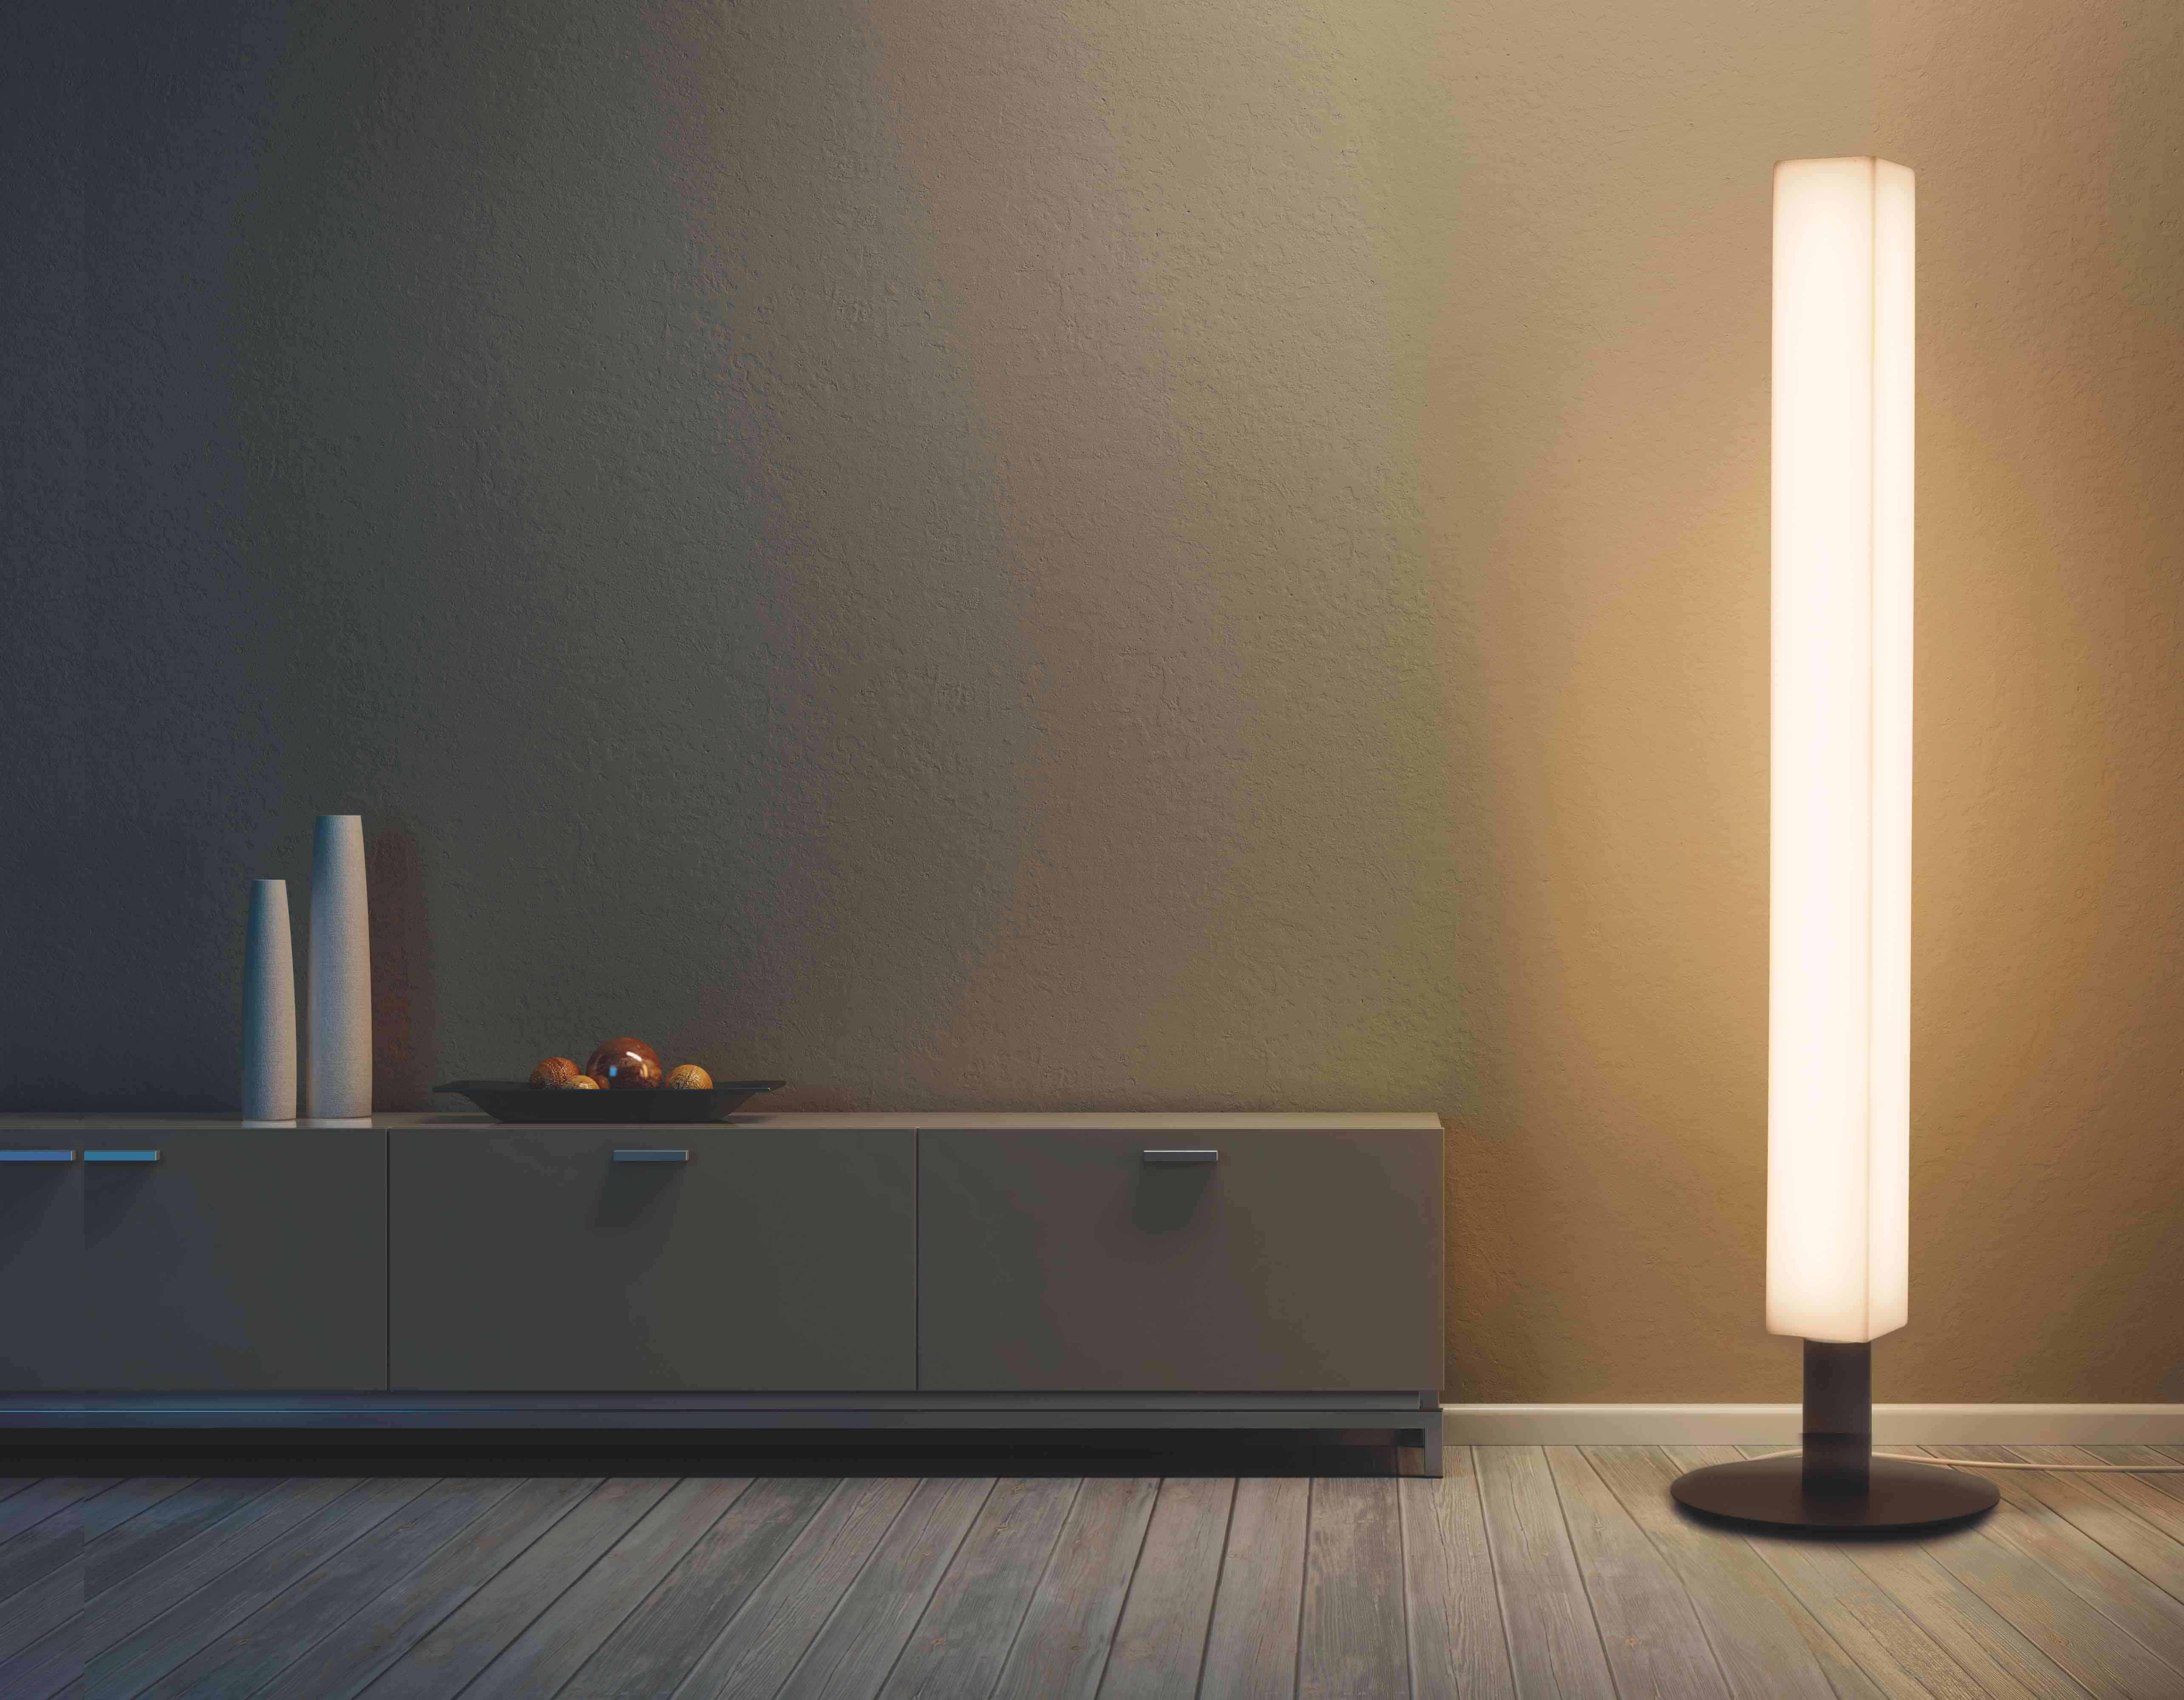 Lunocs Cube LED-verlichting met antraciet voetstuk brengt cachet in huis